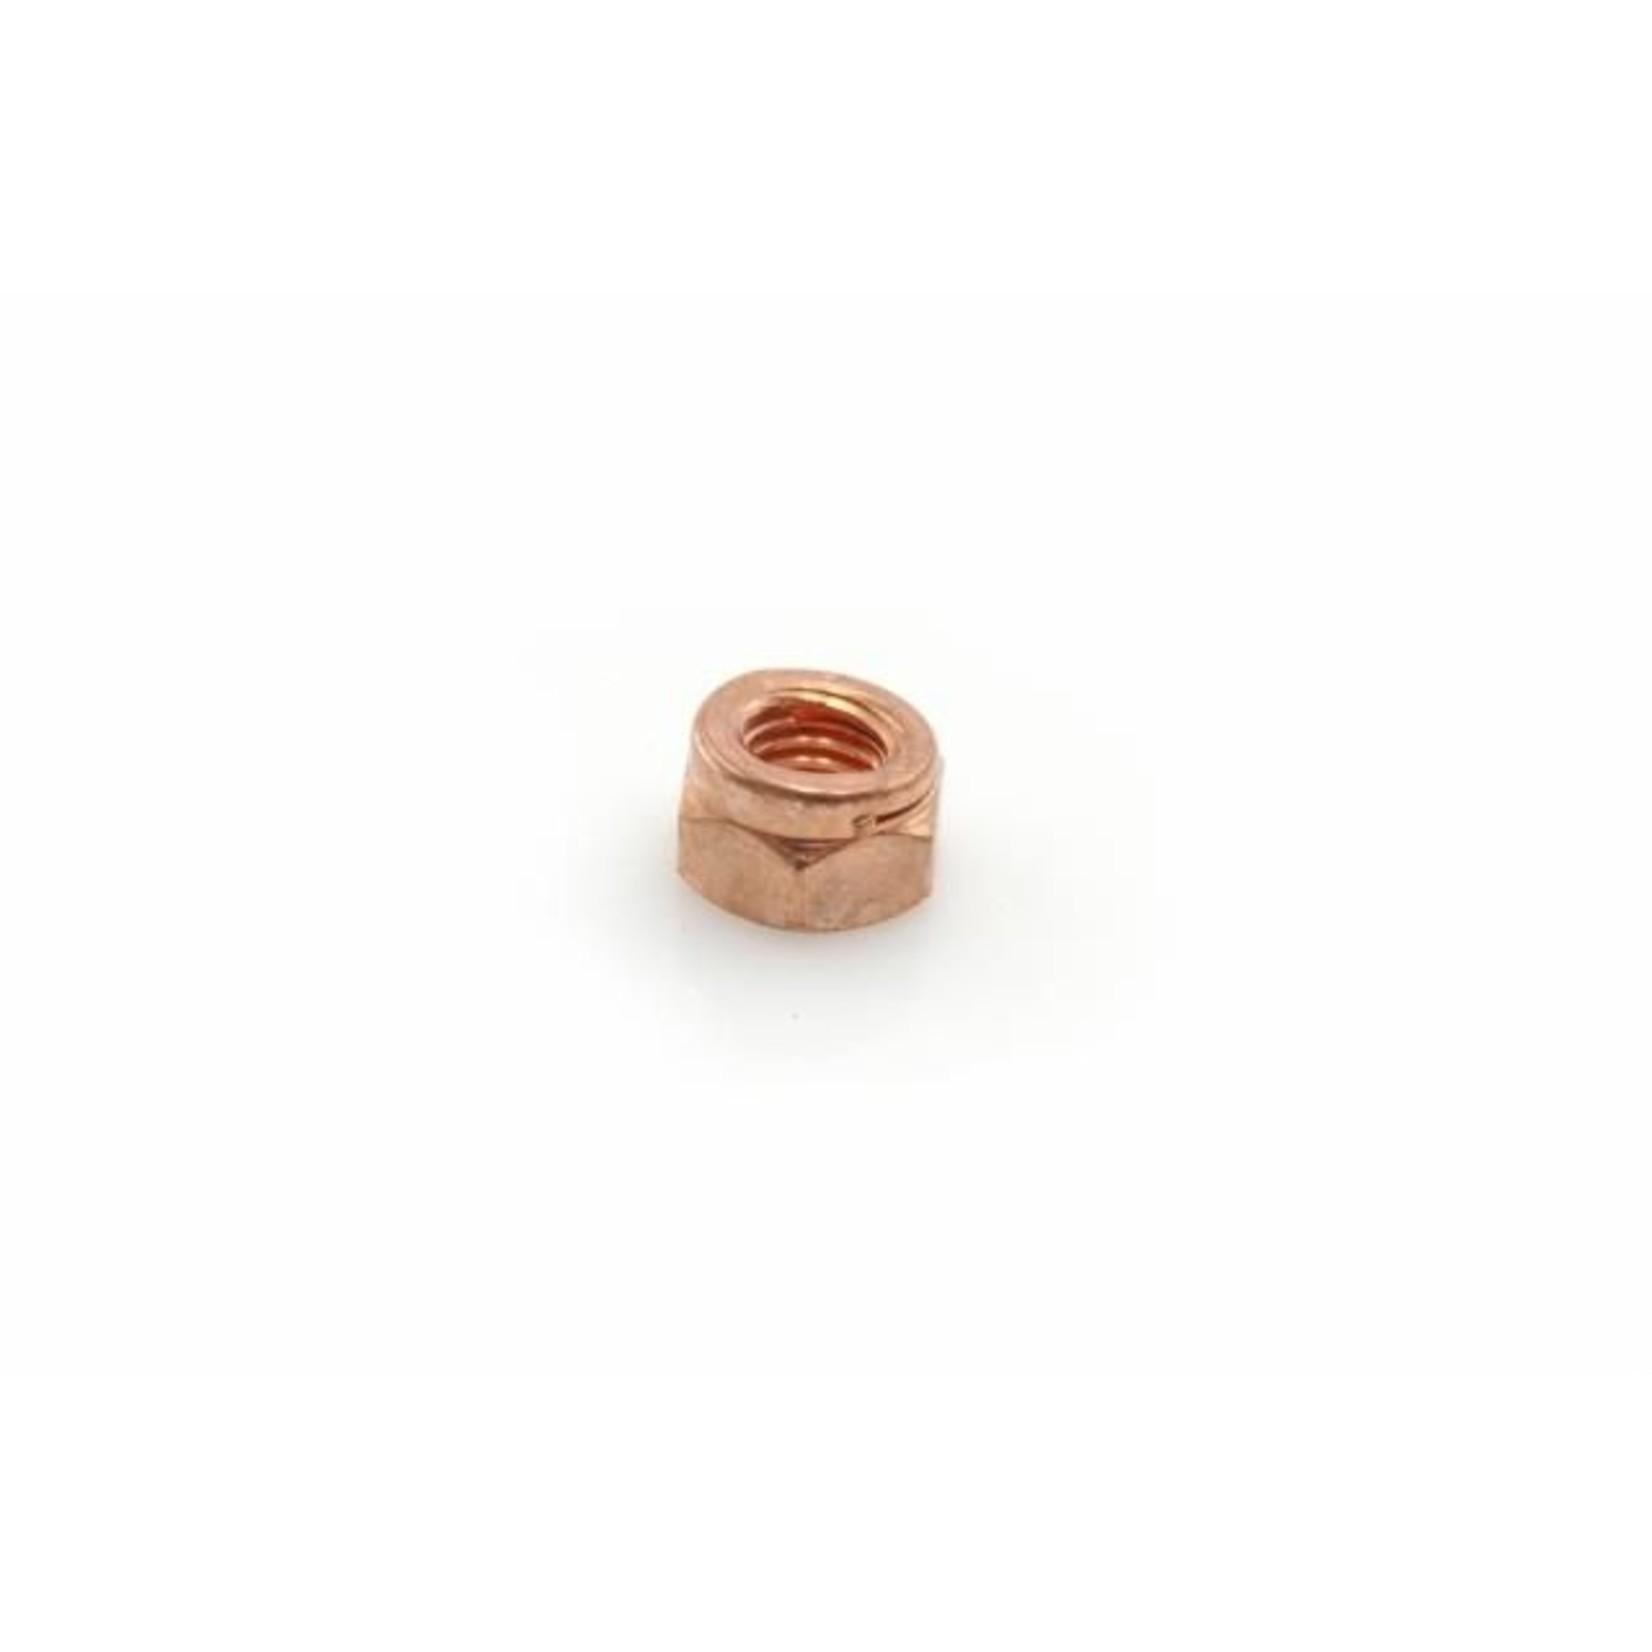 Nut manifold copper h8,5 x 12 Nr Org: 26150909